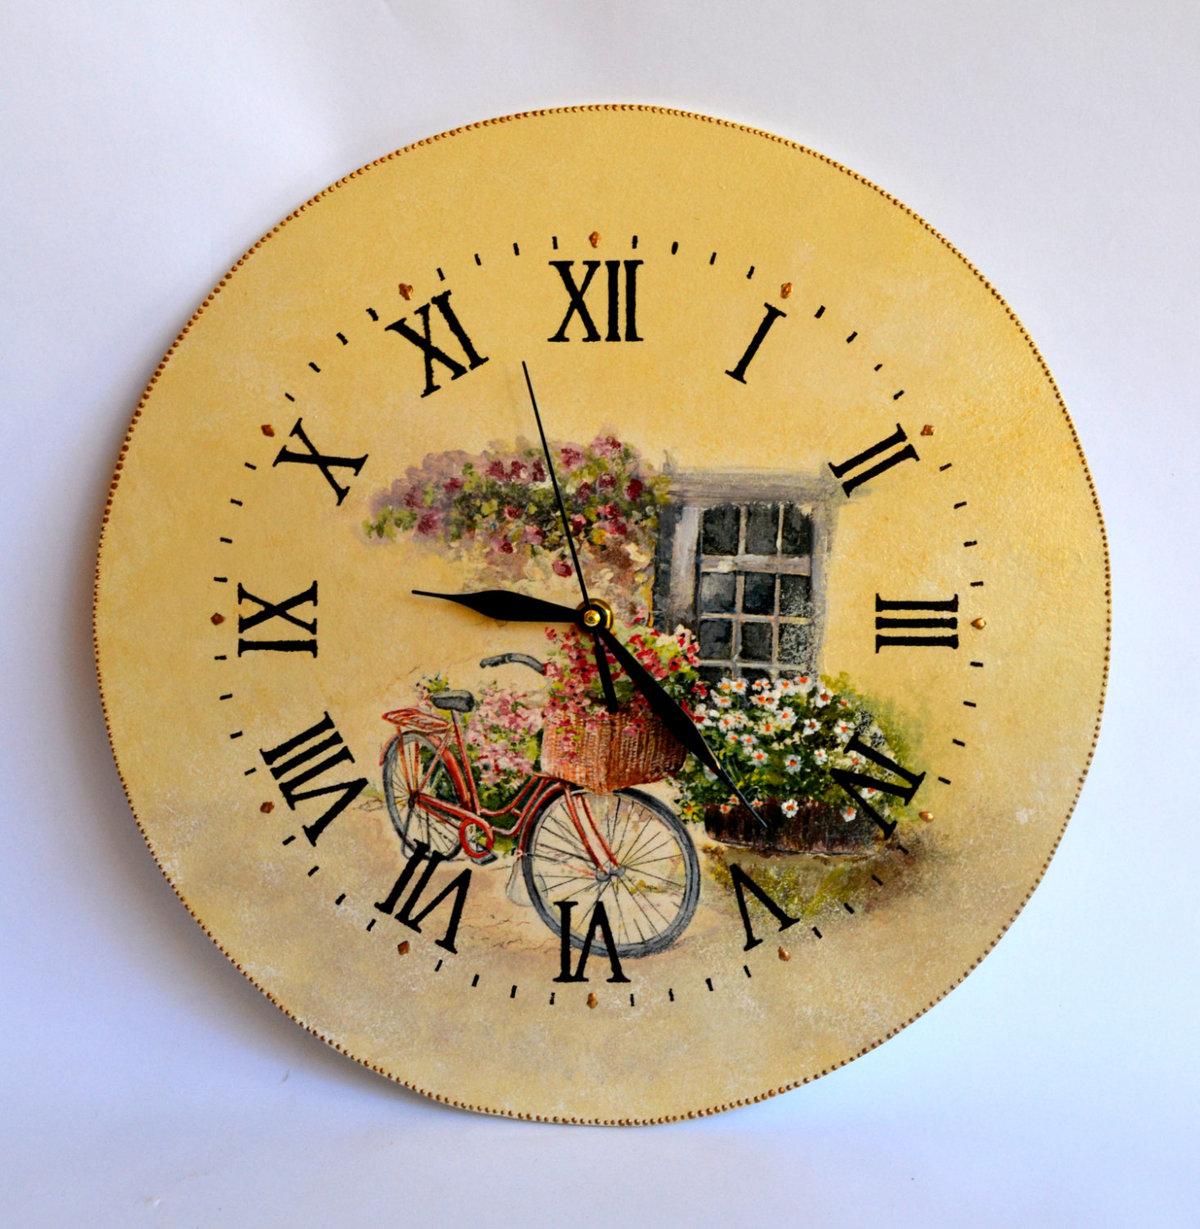 звезда декупаж картинки кухня часы новый главврач